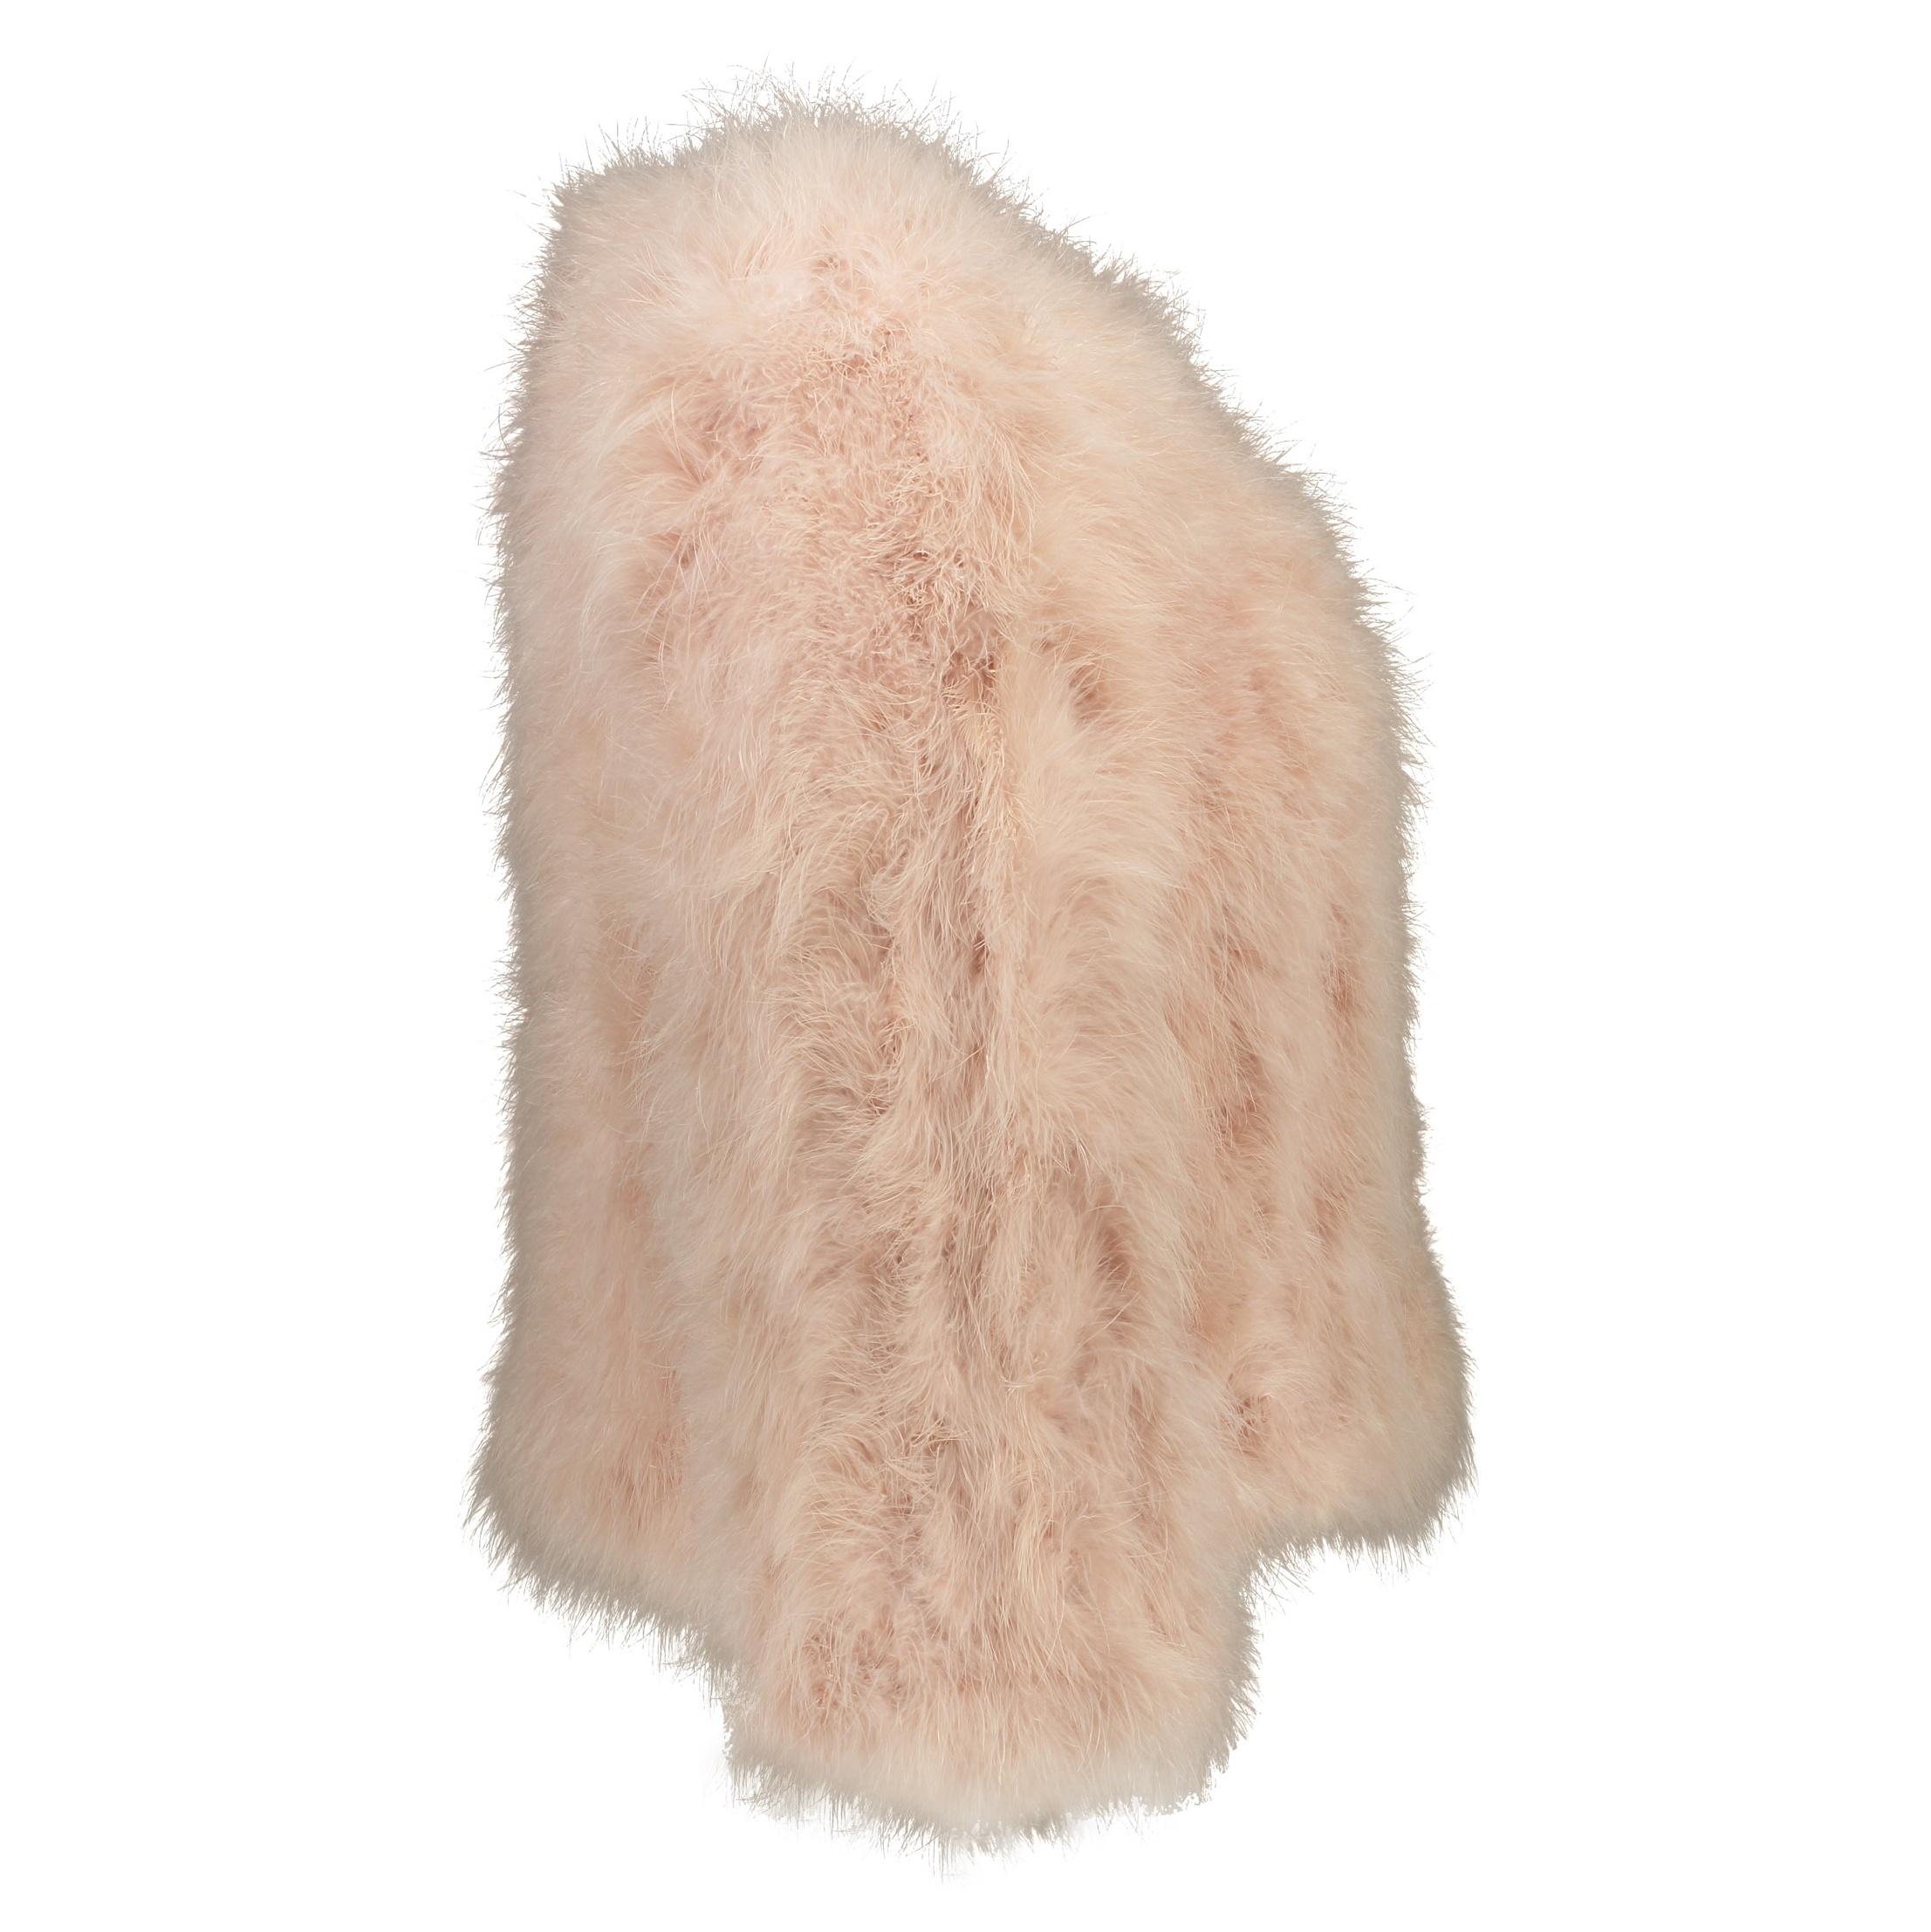 کت پر کوتاه زنانه - مانگو - صورتی - 2